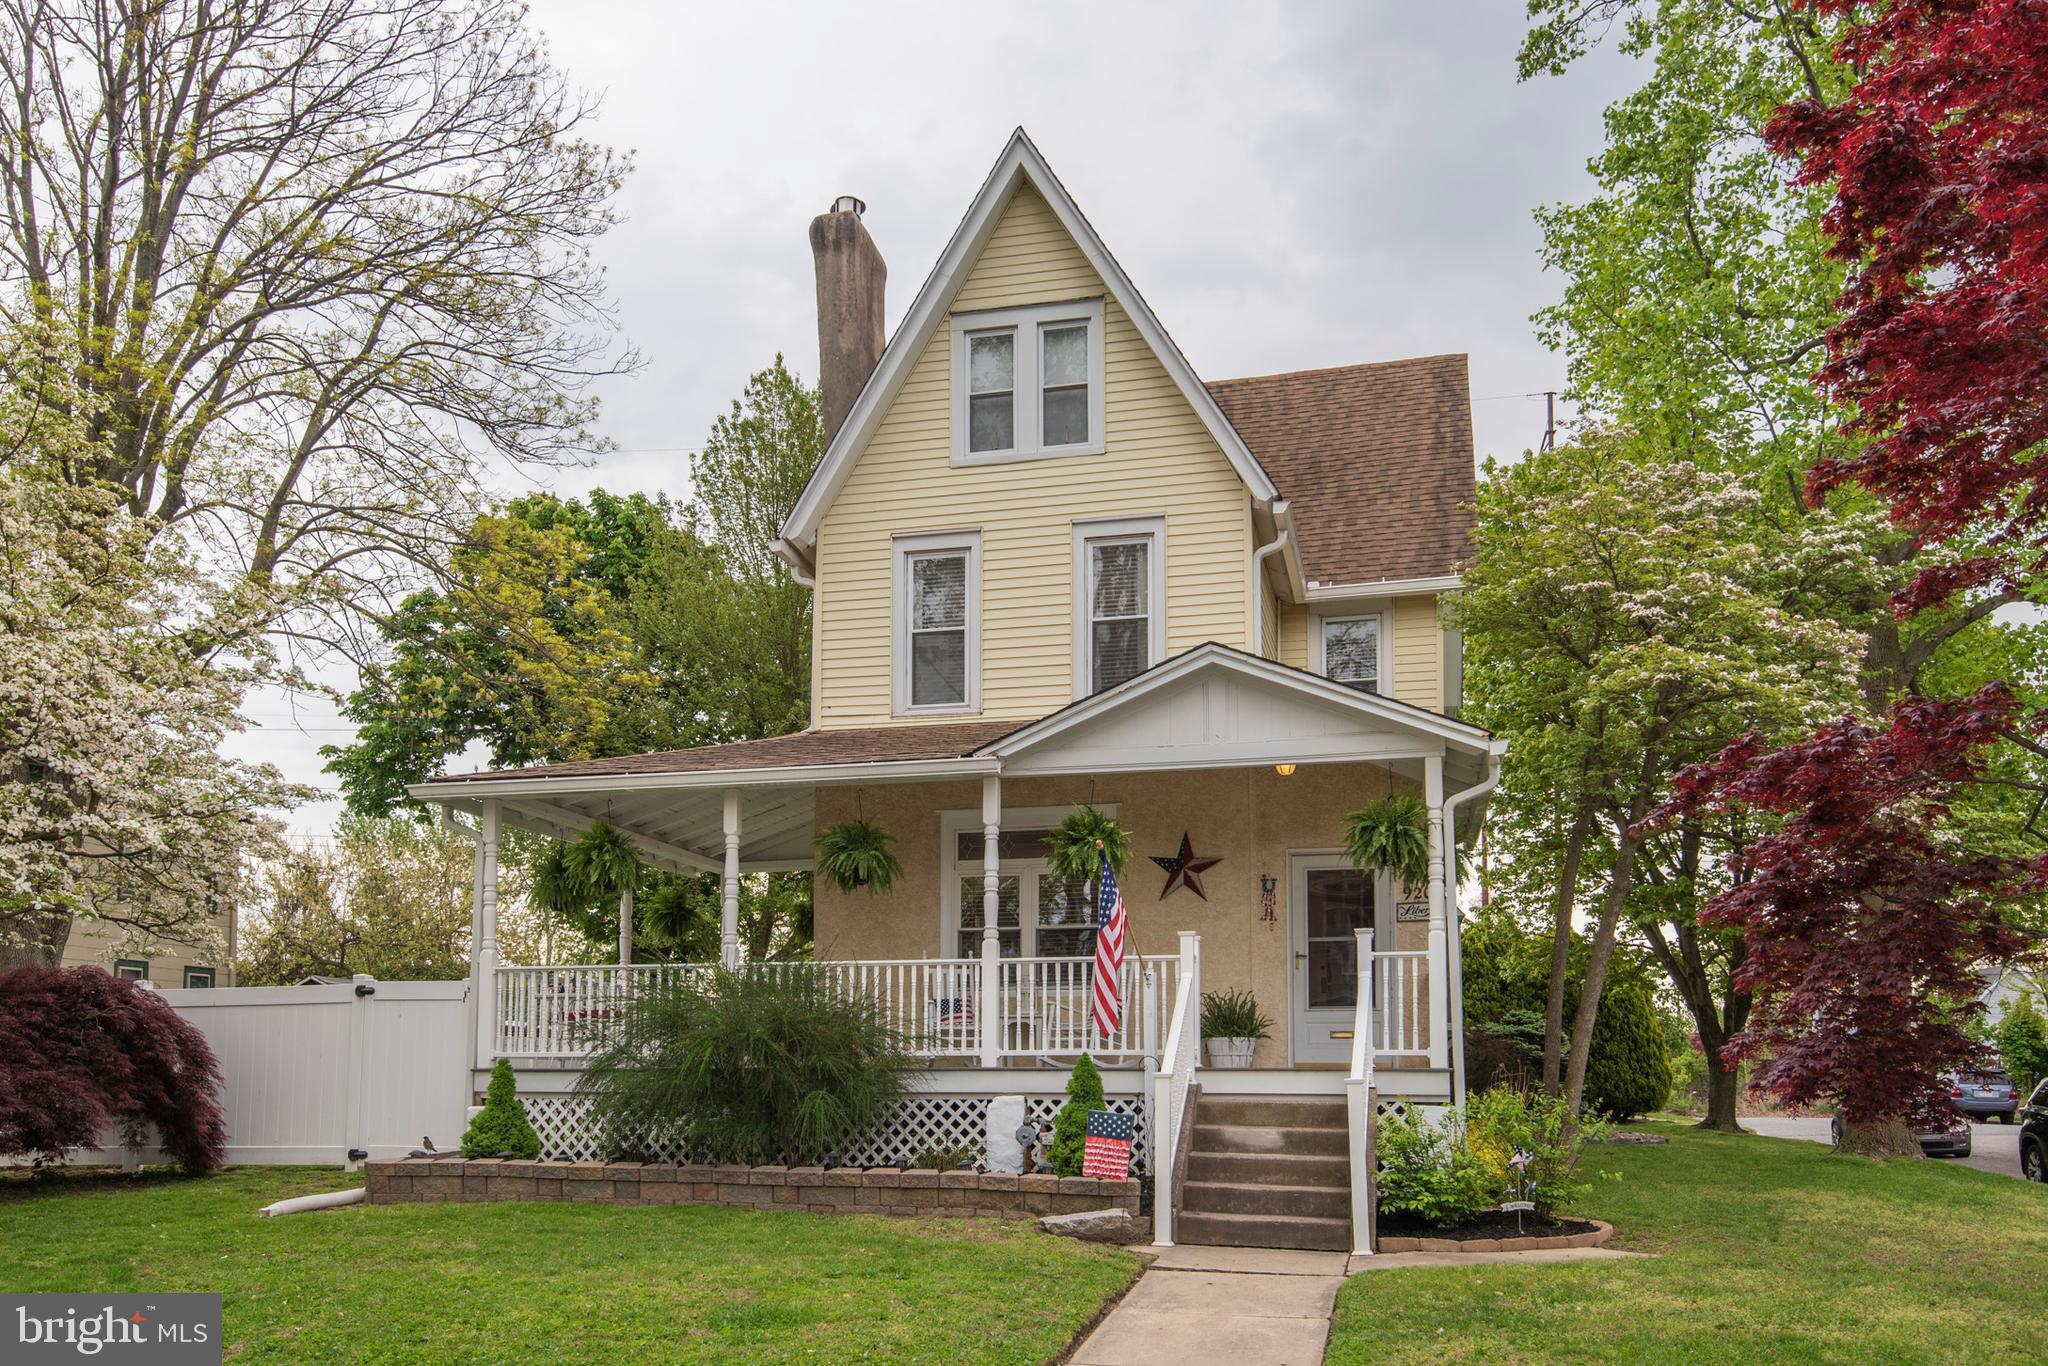 920 12Th Avenue, Prospect Park, PA 19076